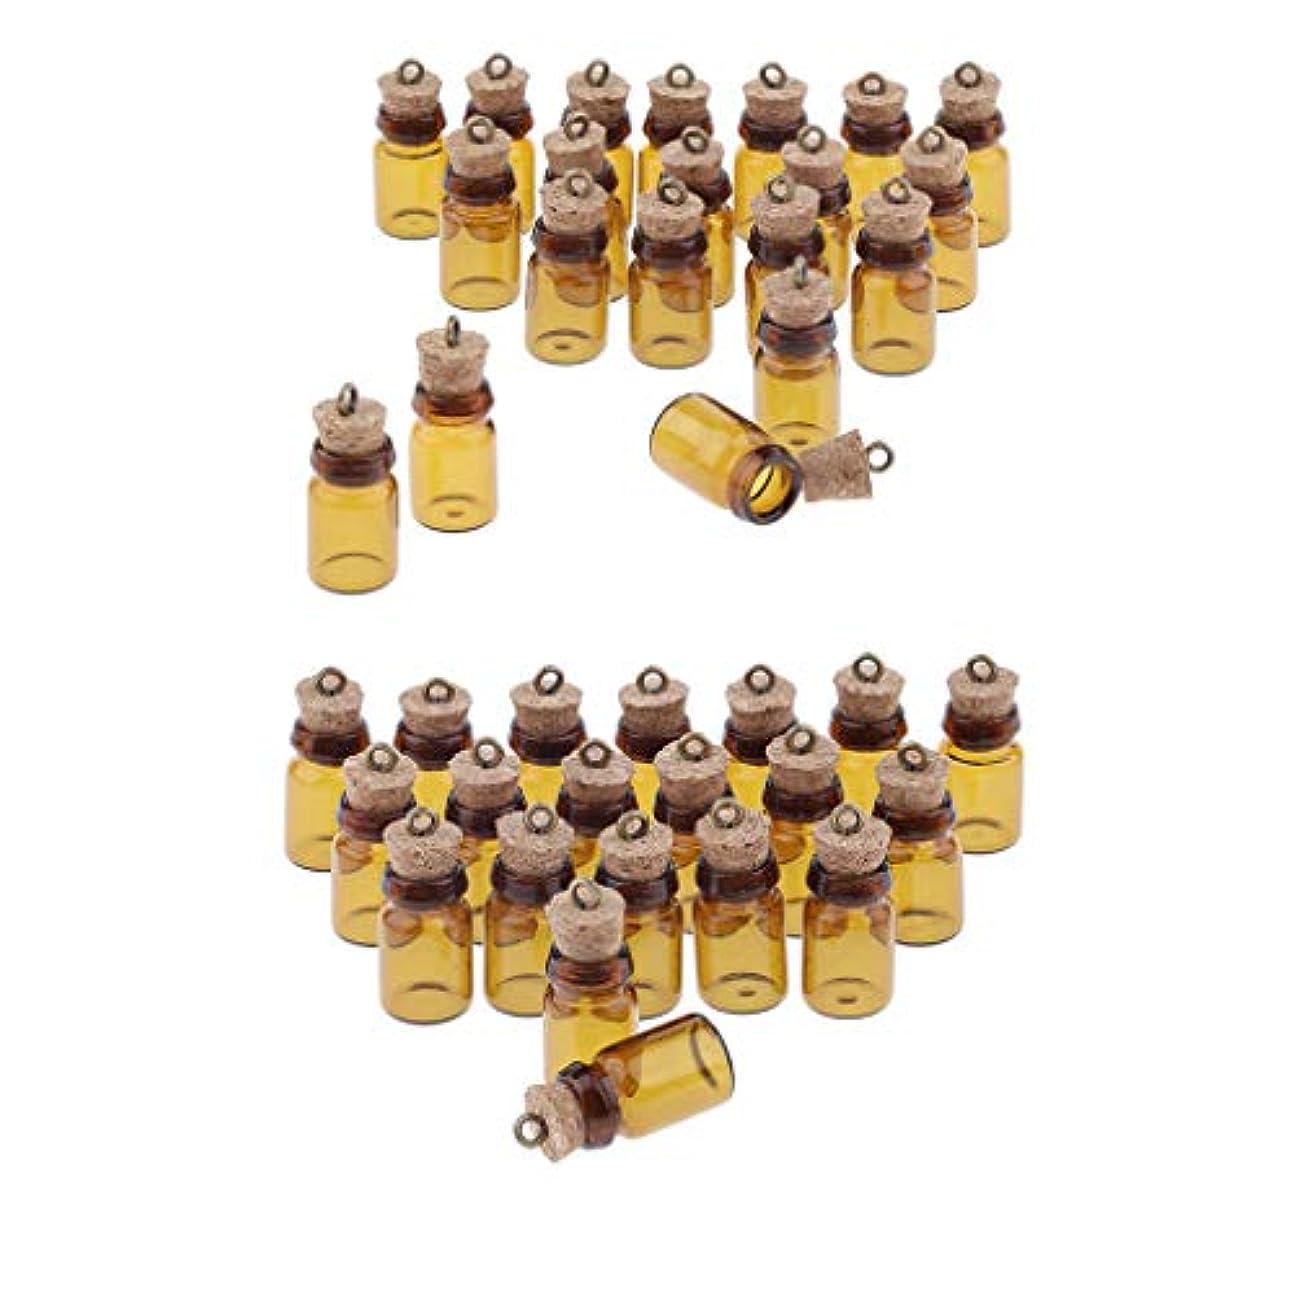 チャンバーレトルトクレア遮光瓶 ガラス瓶 保存容器 コルク栓付き エッセンシャルオイル 香水 詰替え 収納アクセサリー 約20本